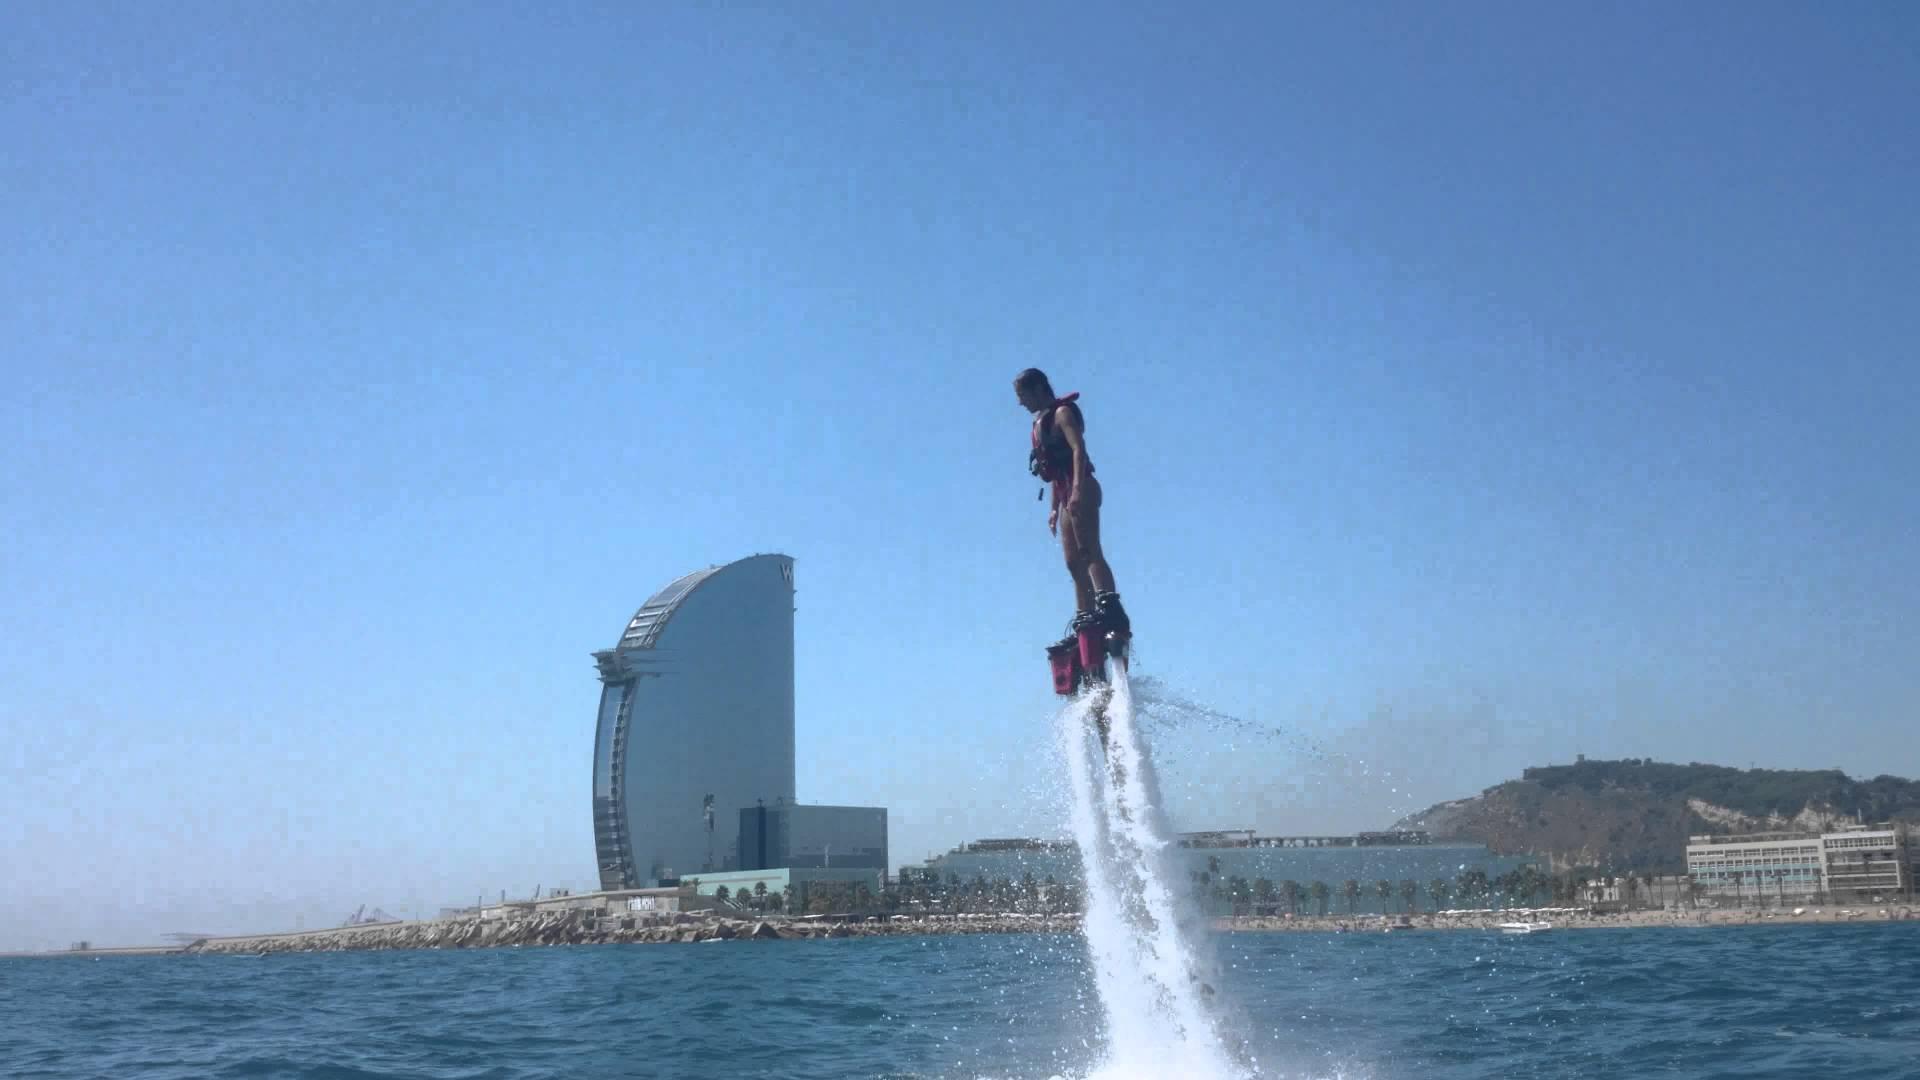 flyboard-seeyougo-evg-barcelone